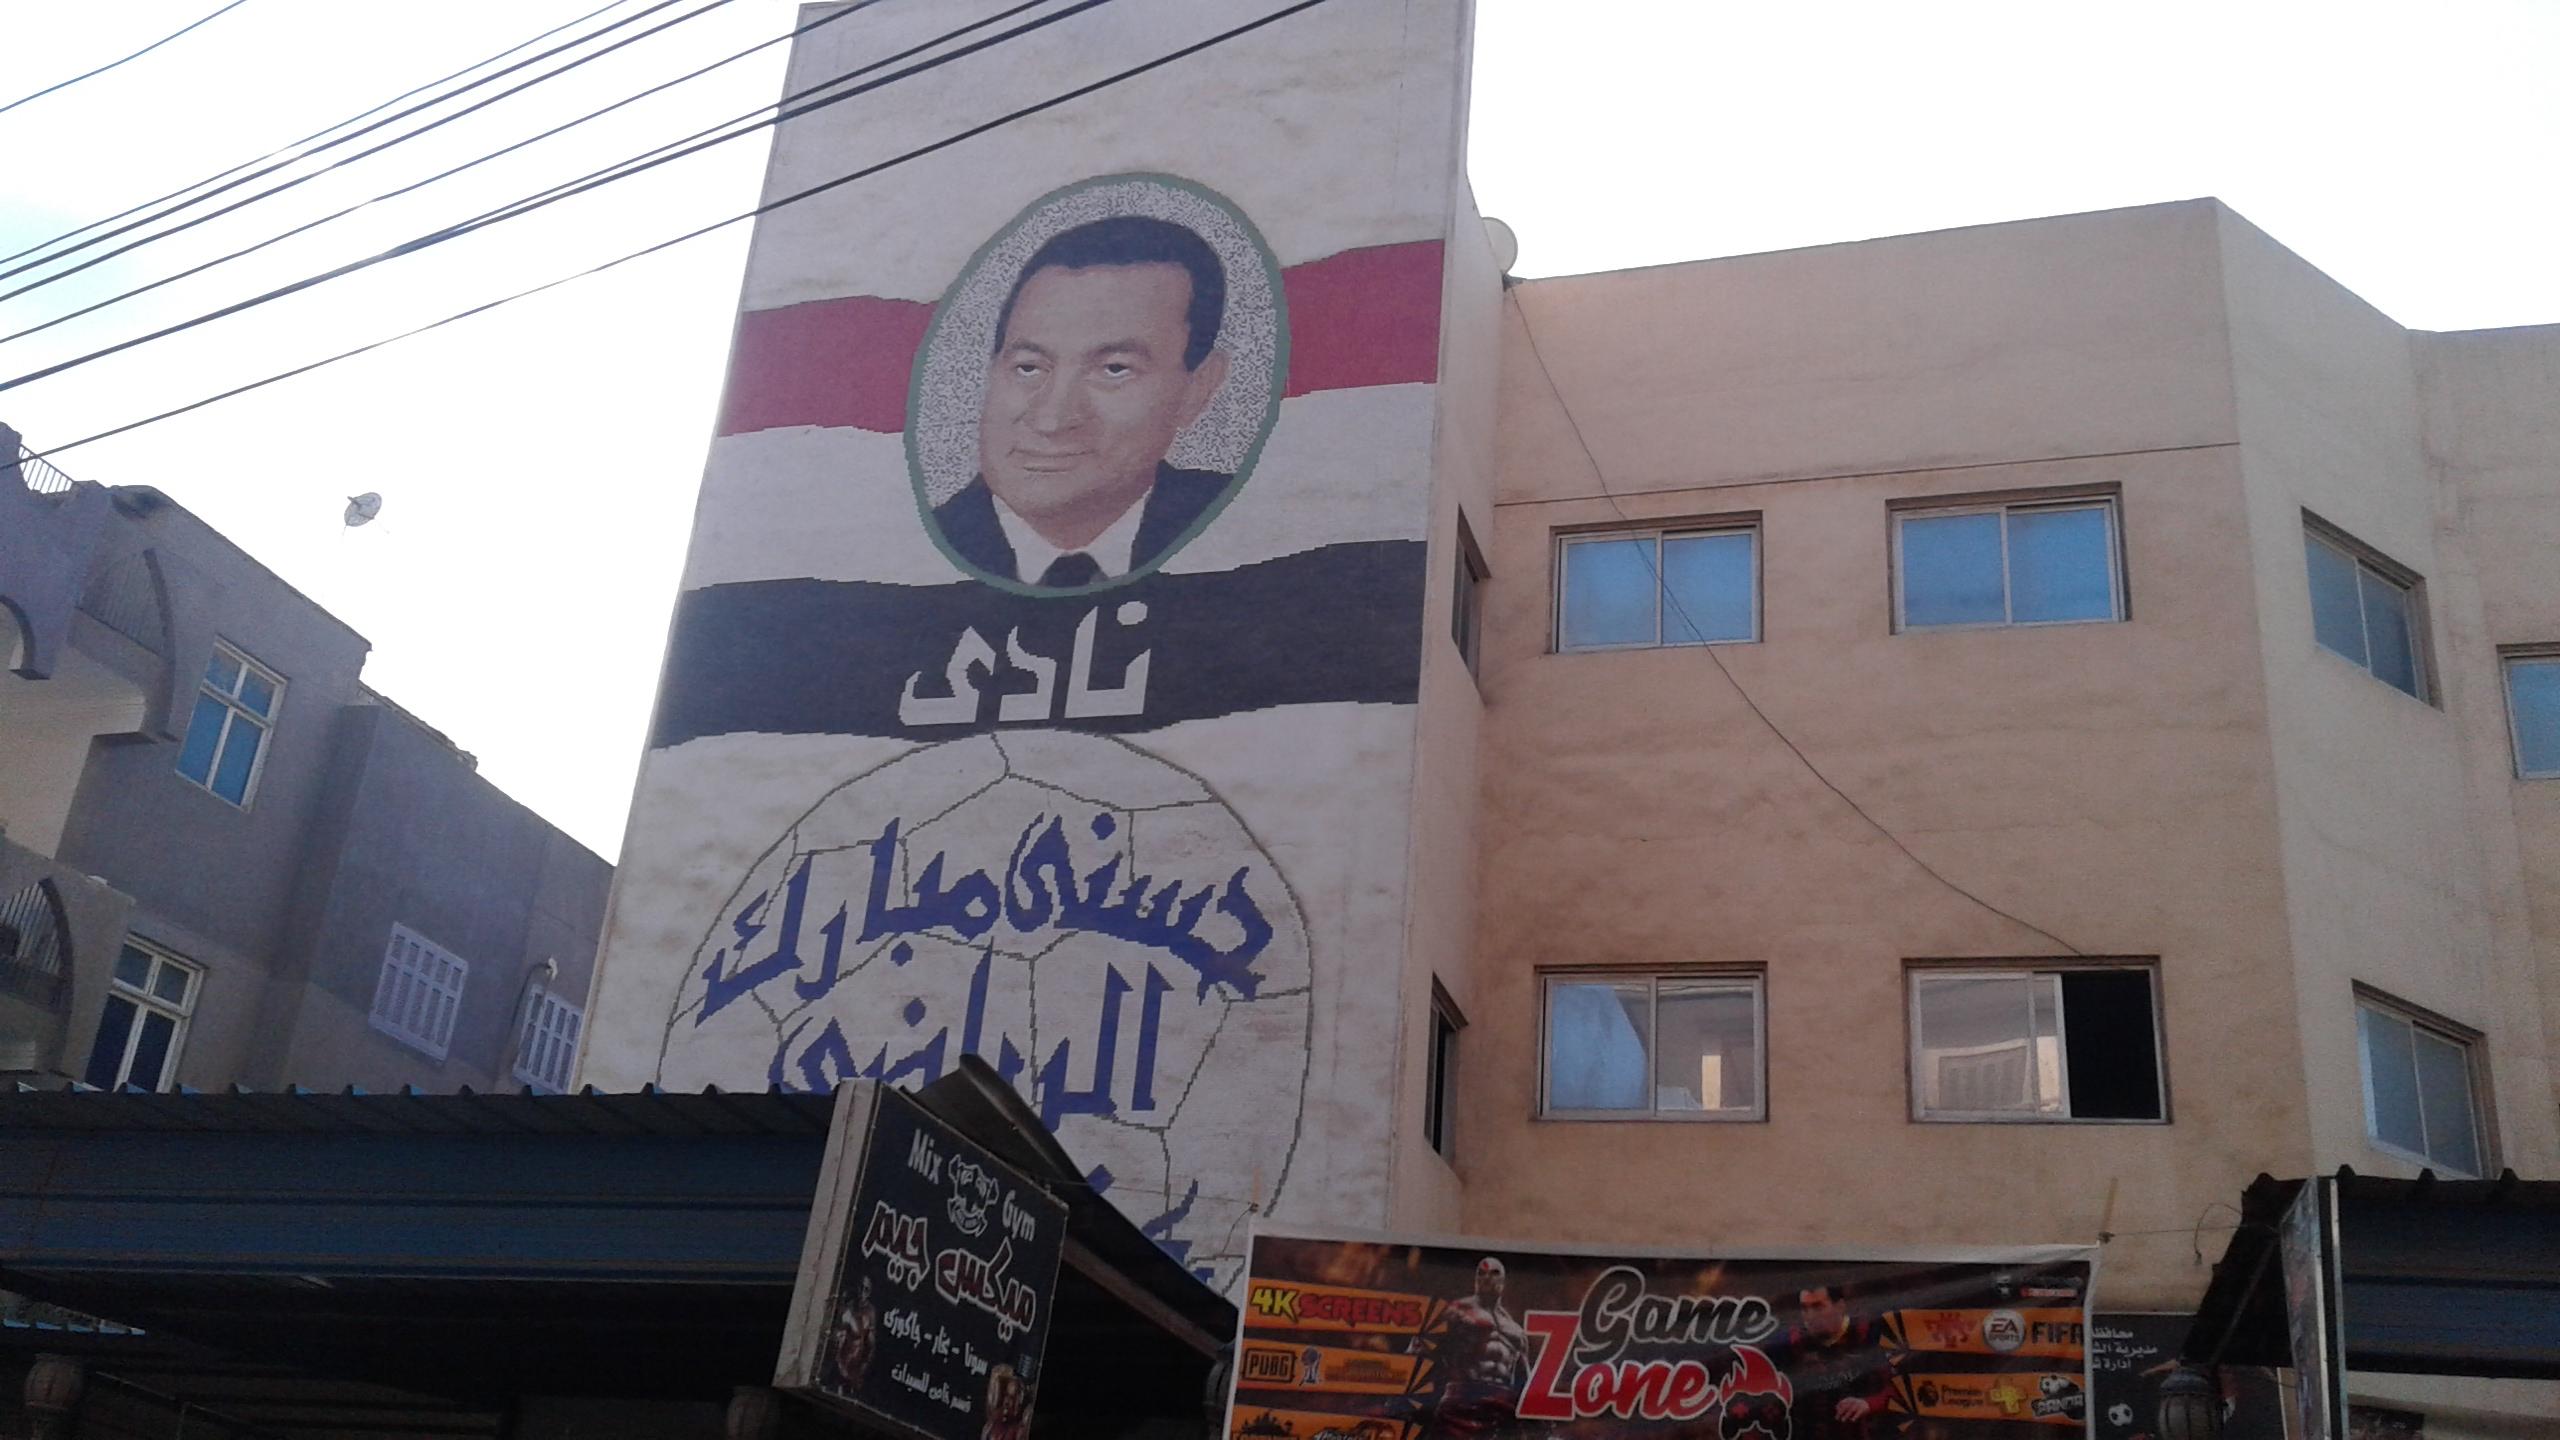 صور الرئيس الأسبق تزين مبنى النادى الرياضى (5)